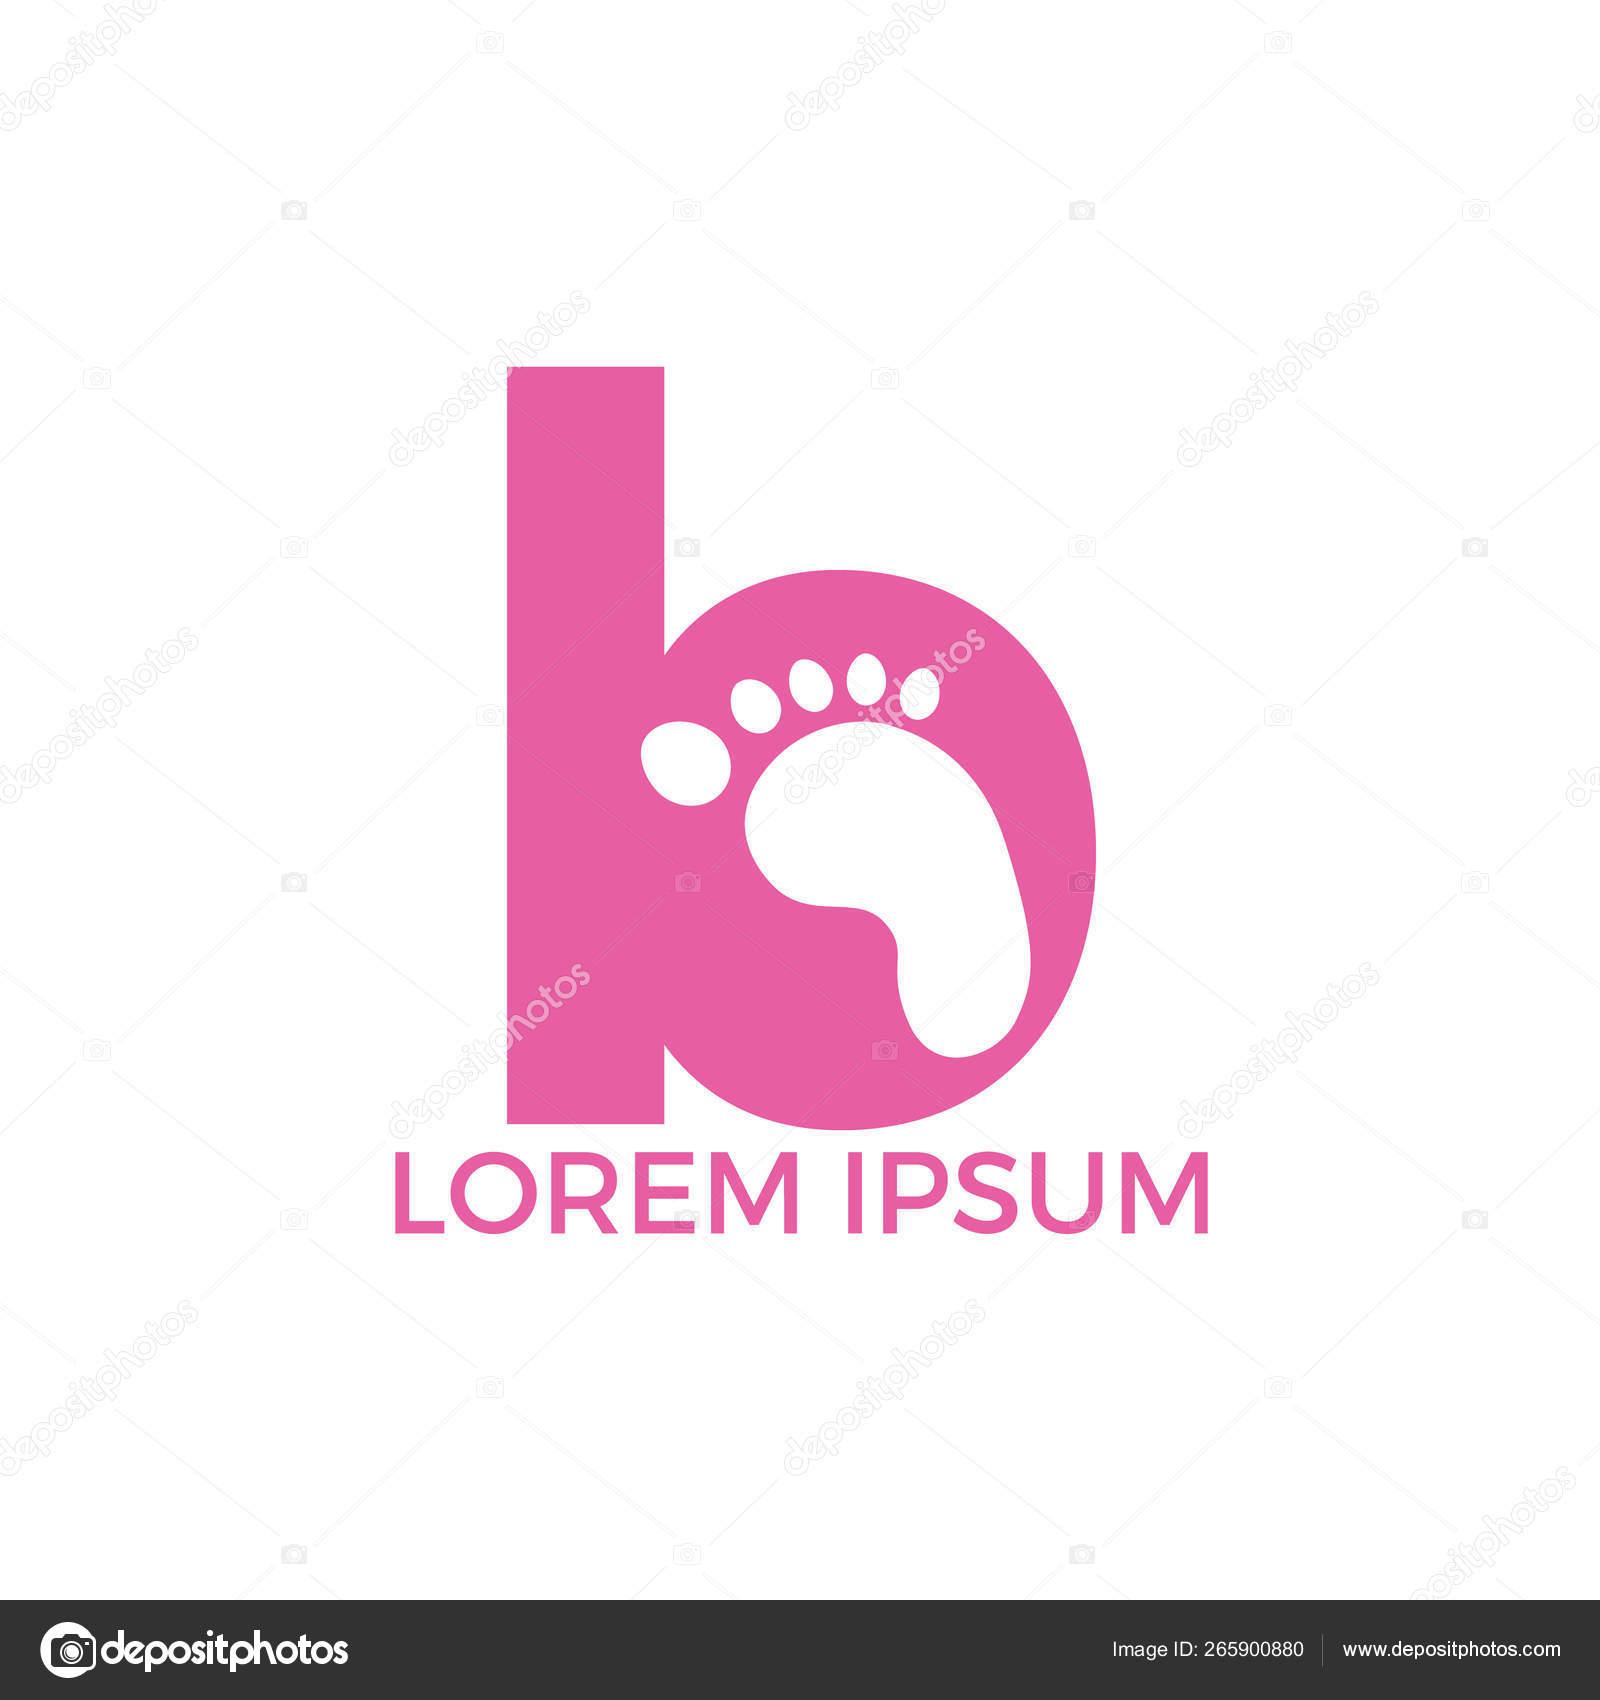 letter feet vector logo design foot health icon logo design stock vector c naseebzeeba gmail com 265900880 letter feet vector logo design foot health icon logo design stock vector c naseebzeeba gmail com 265900880